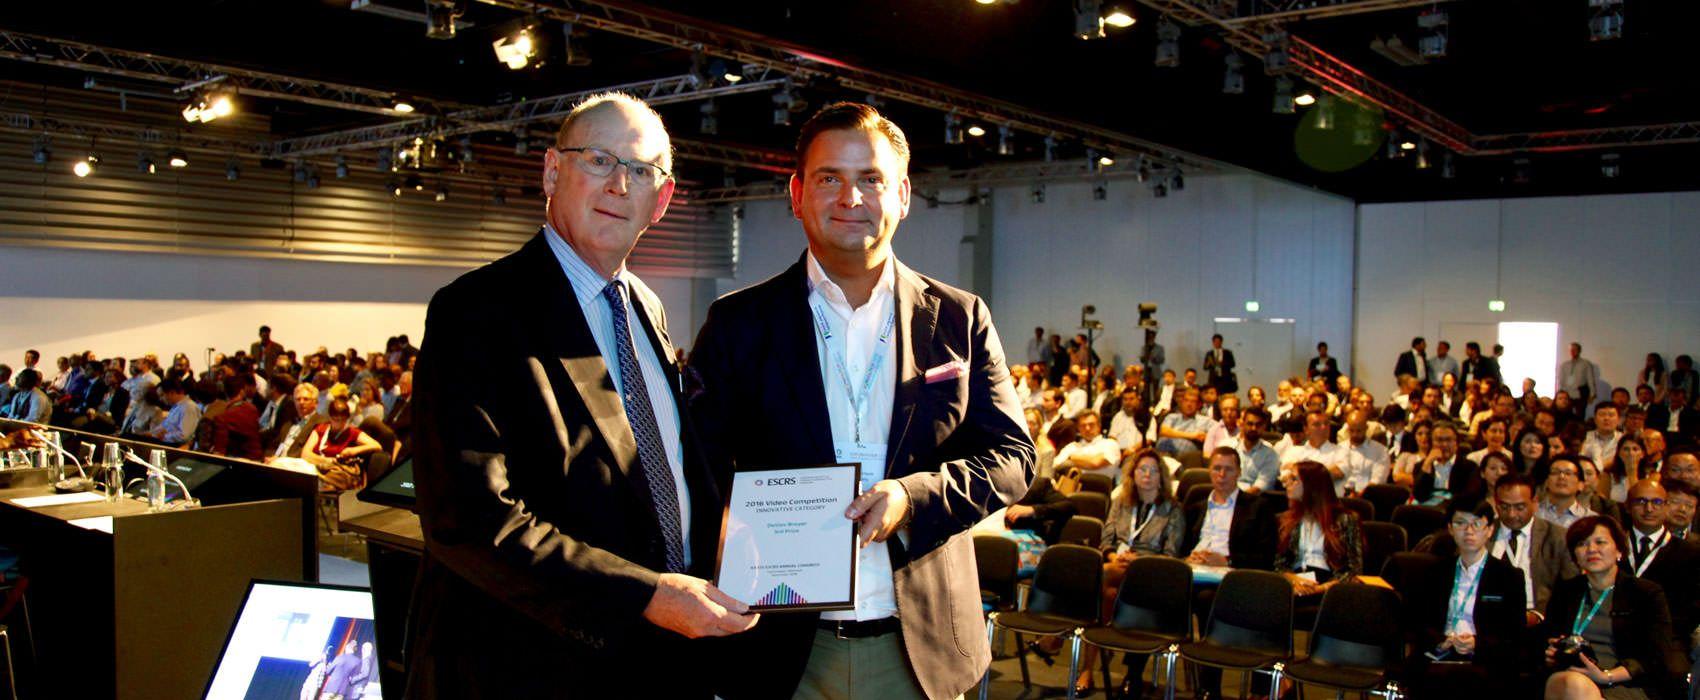 Dr. Breyer wird für das Düsseldorfer Schema der Videoaward der Europäischen Augenchirurgen verliehen.